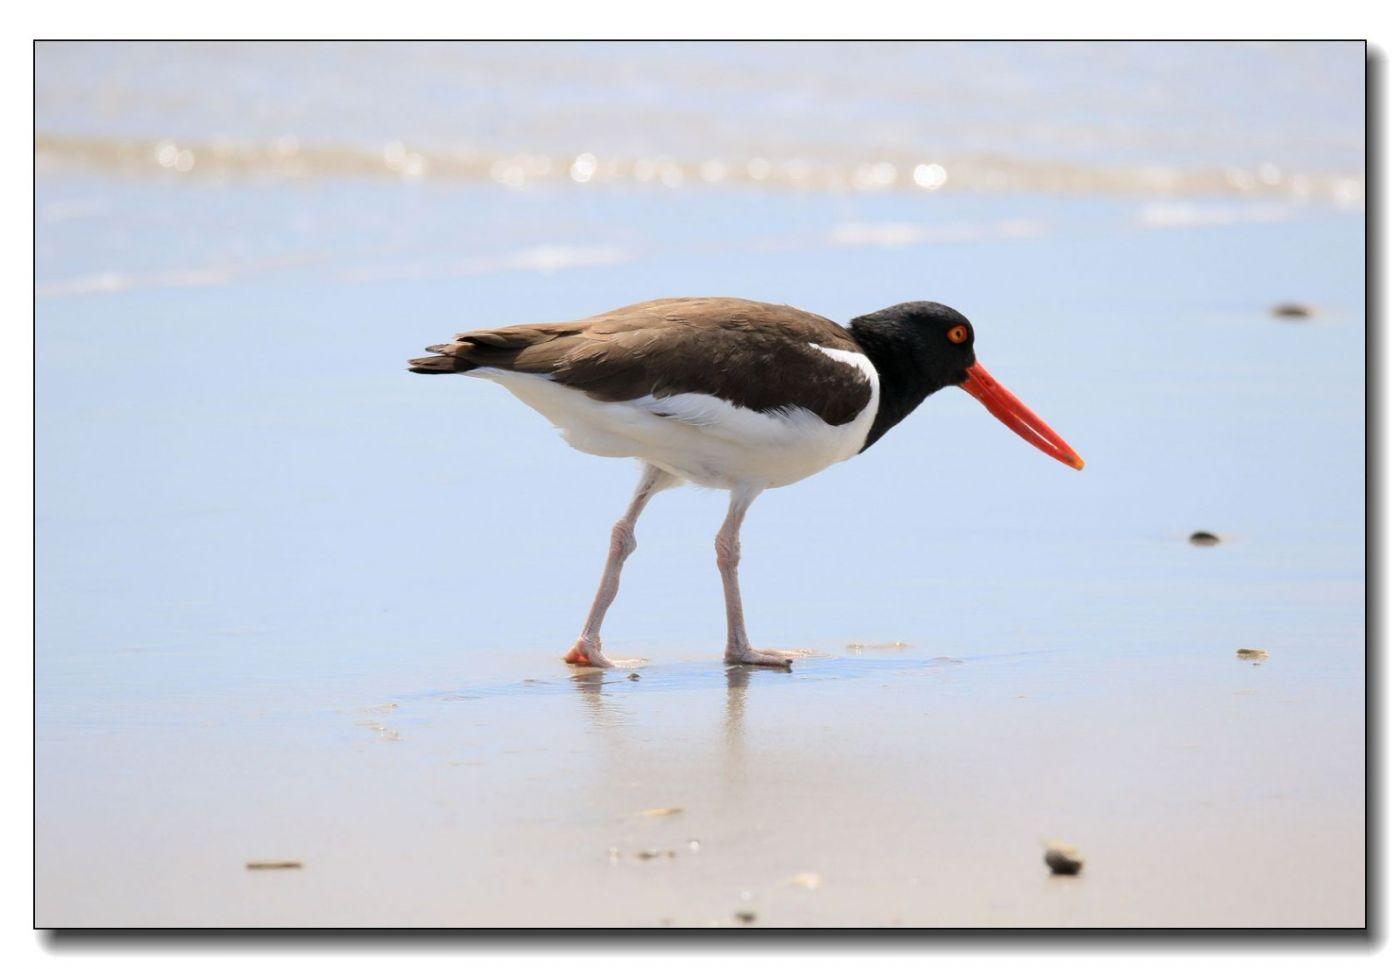 洛克威海滩拍鸟—励鹬_图1-4